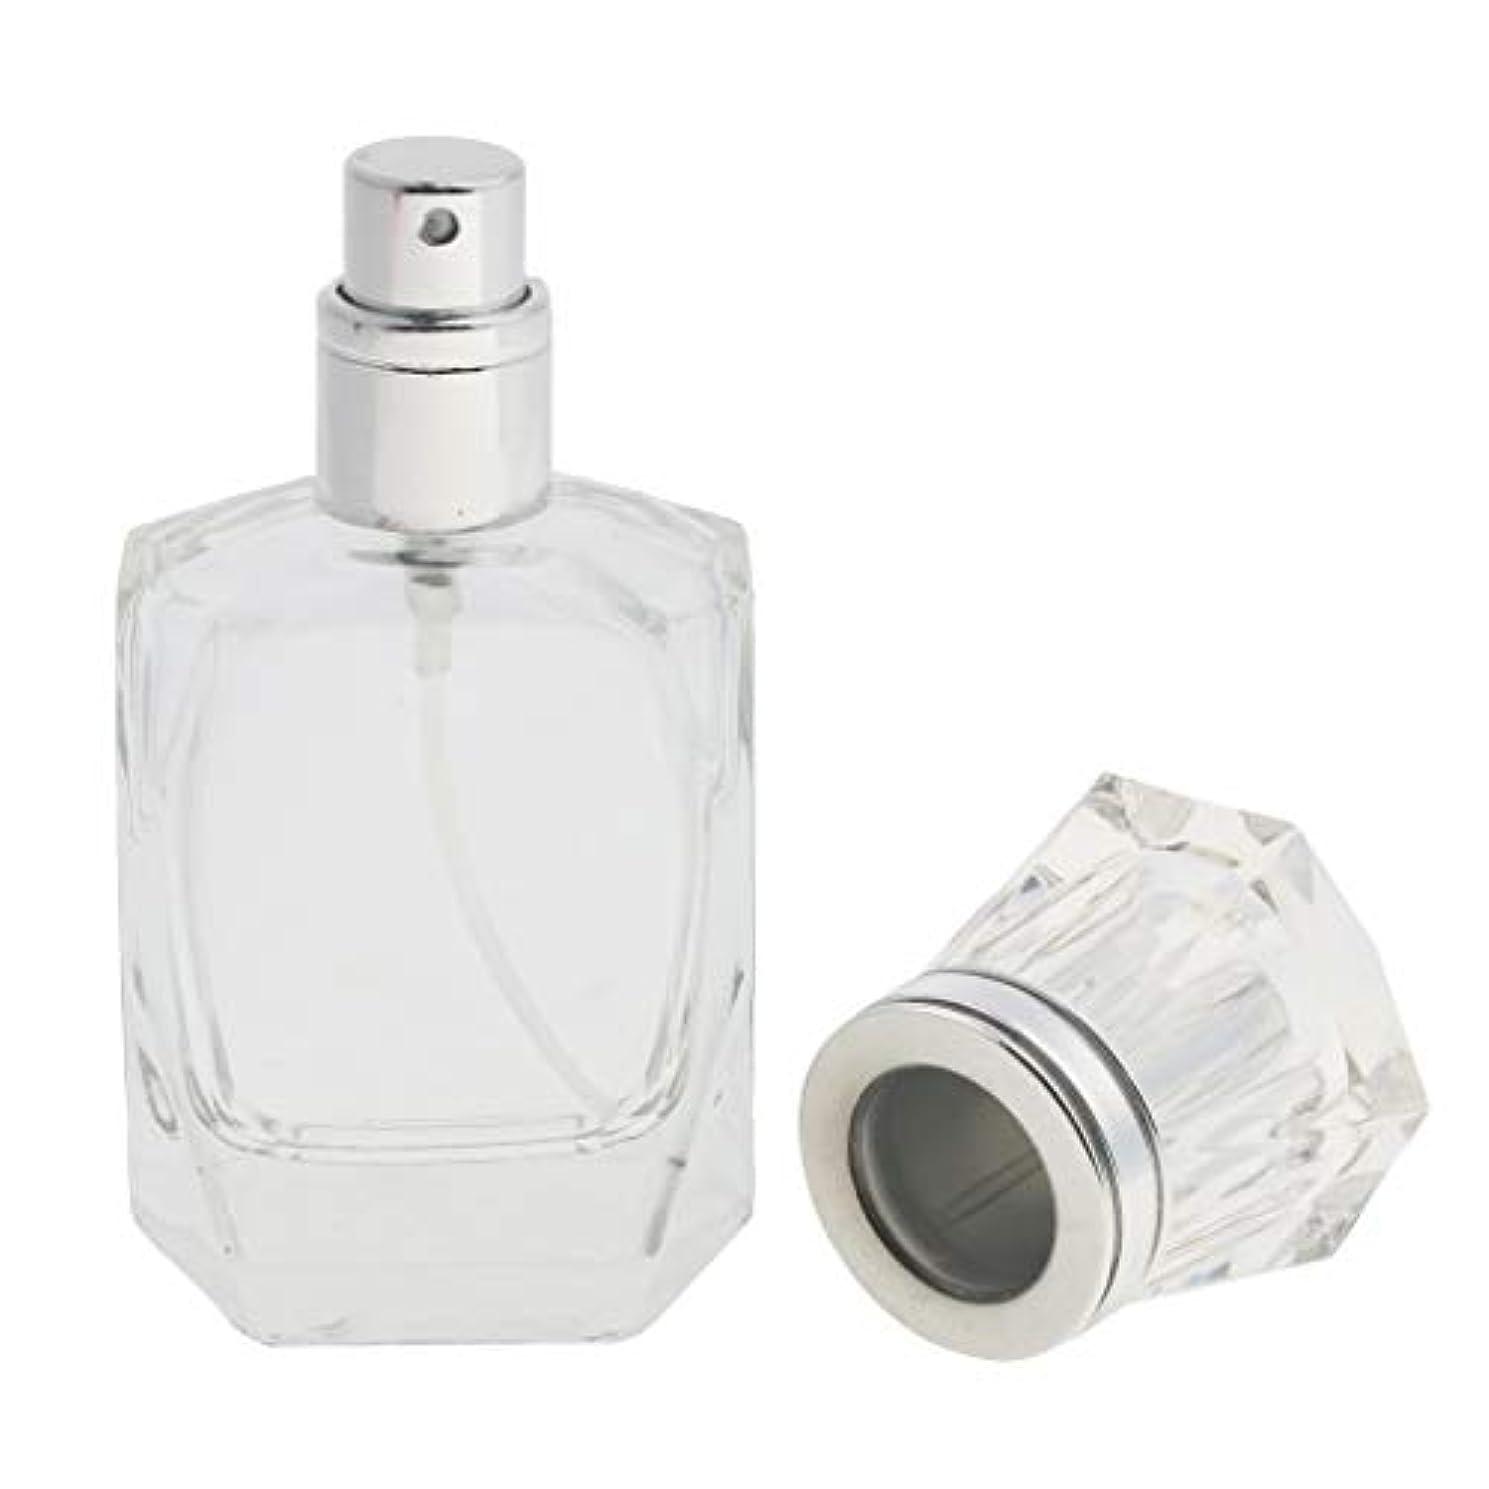 人類キャプション折クリアガラス詰め替え可能な空の細かいミスト噴霧器香水メーキャップボトル30ml